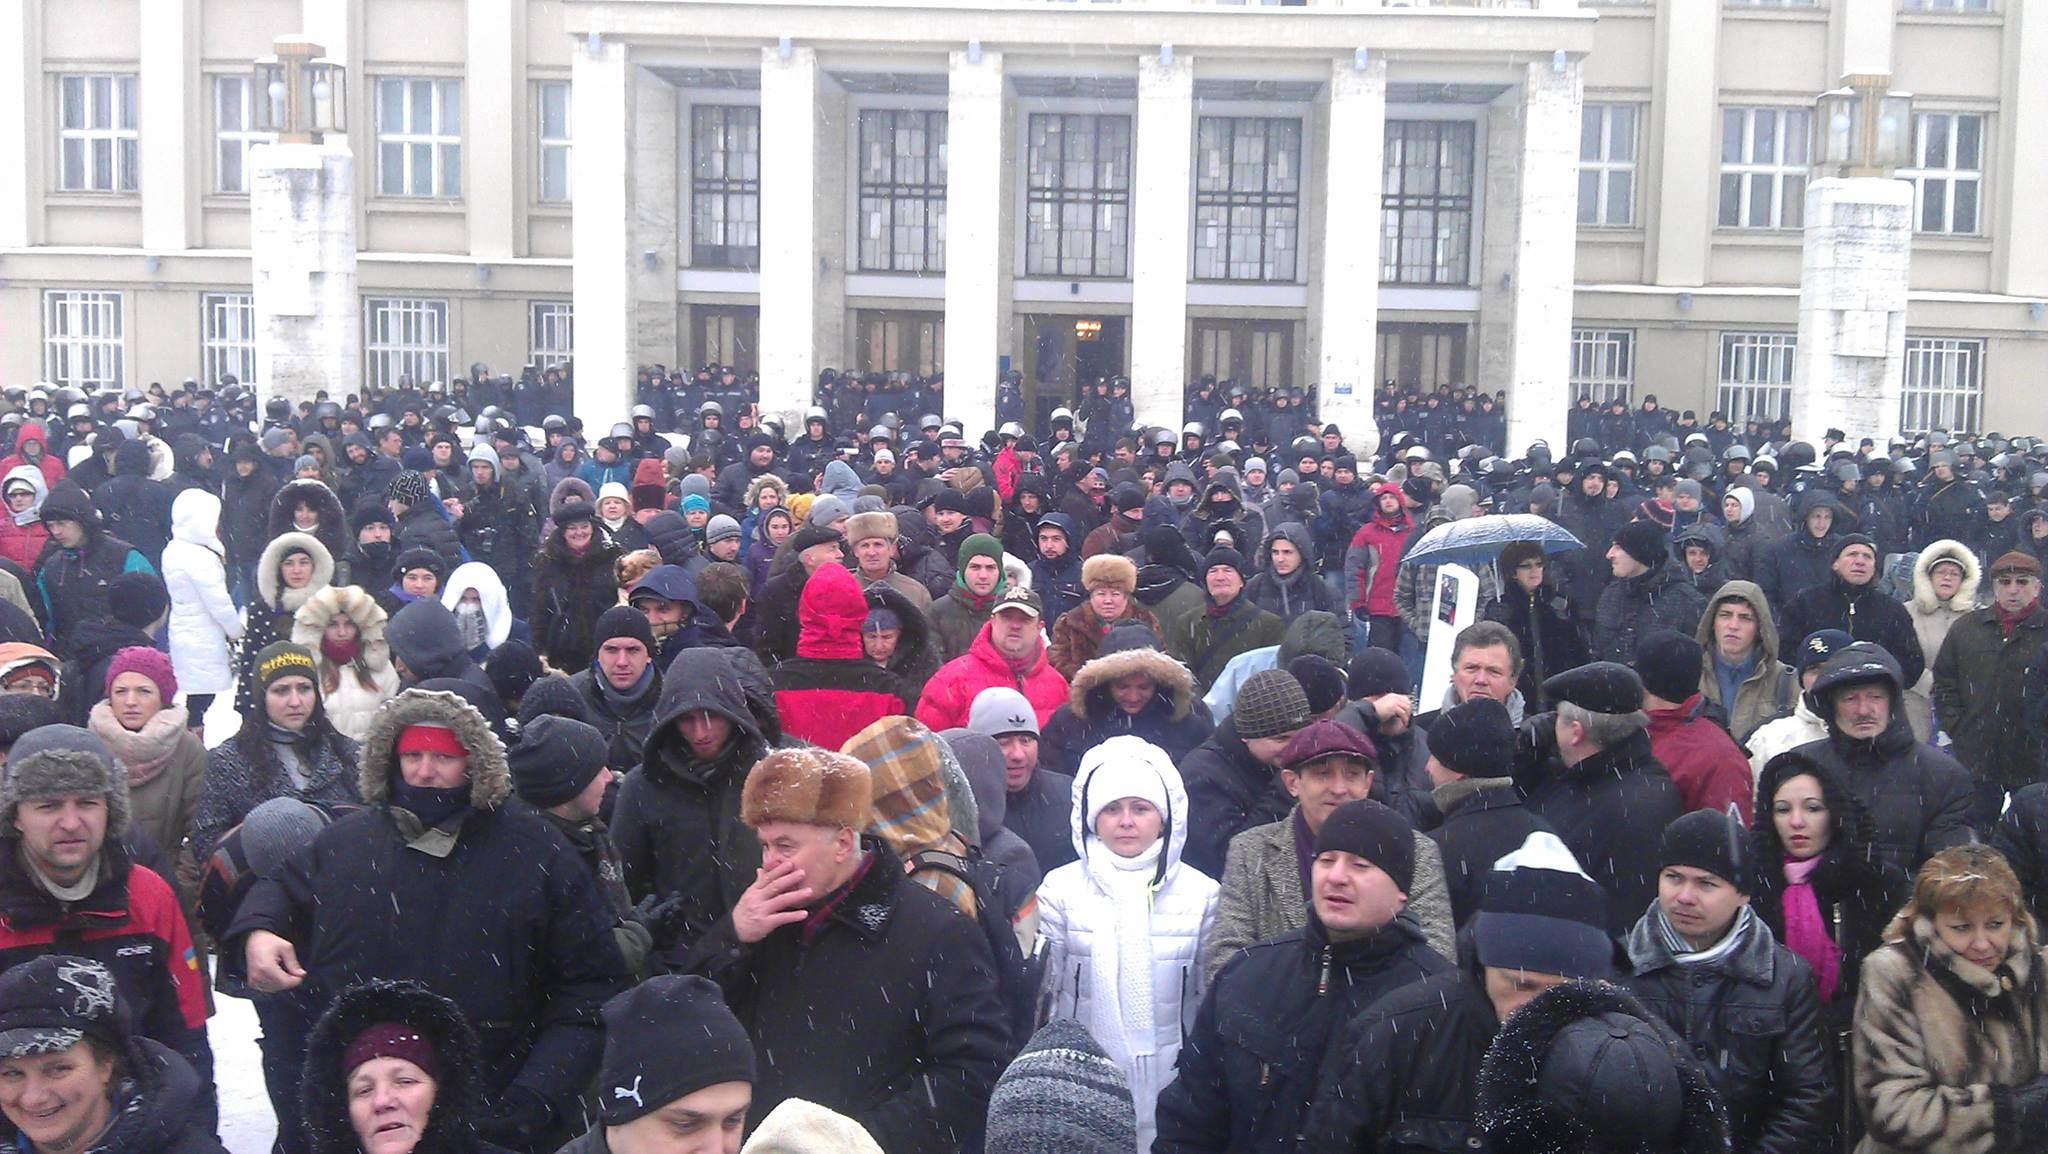 Правоохоронці негайно виконали рішення Закарпатської облради і покинули адмінбудівлю (ФОТОФАКТ)